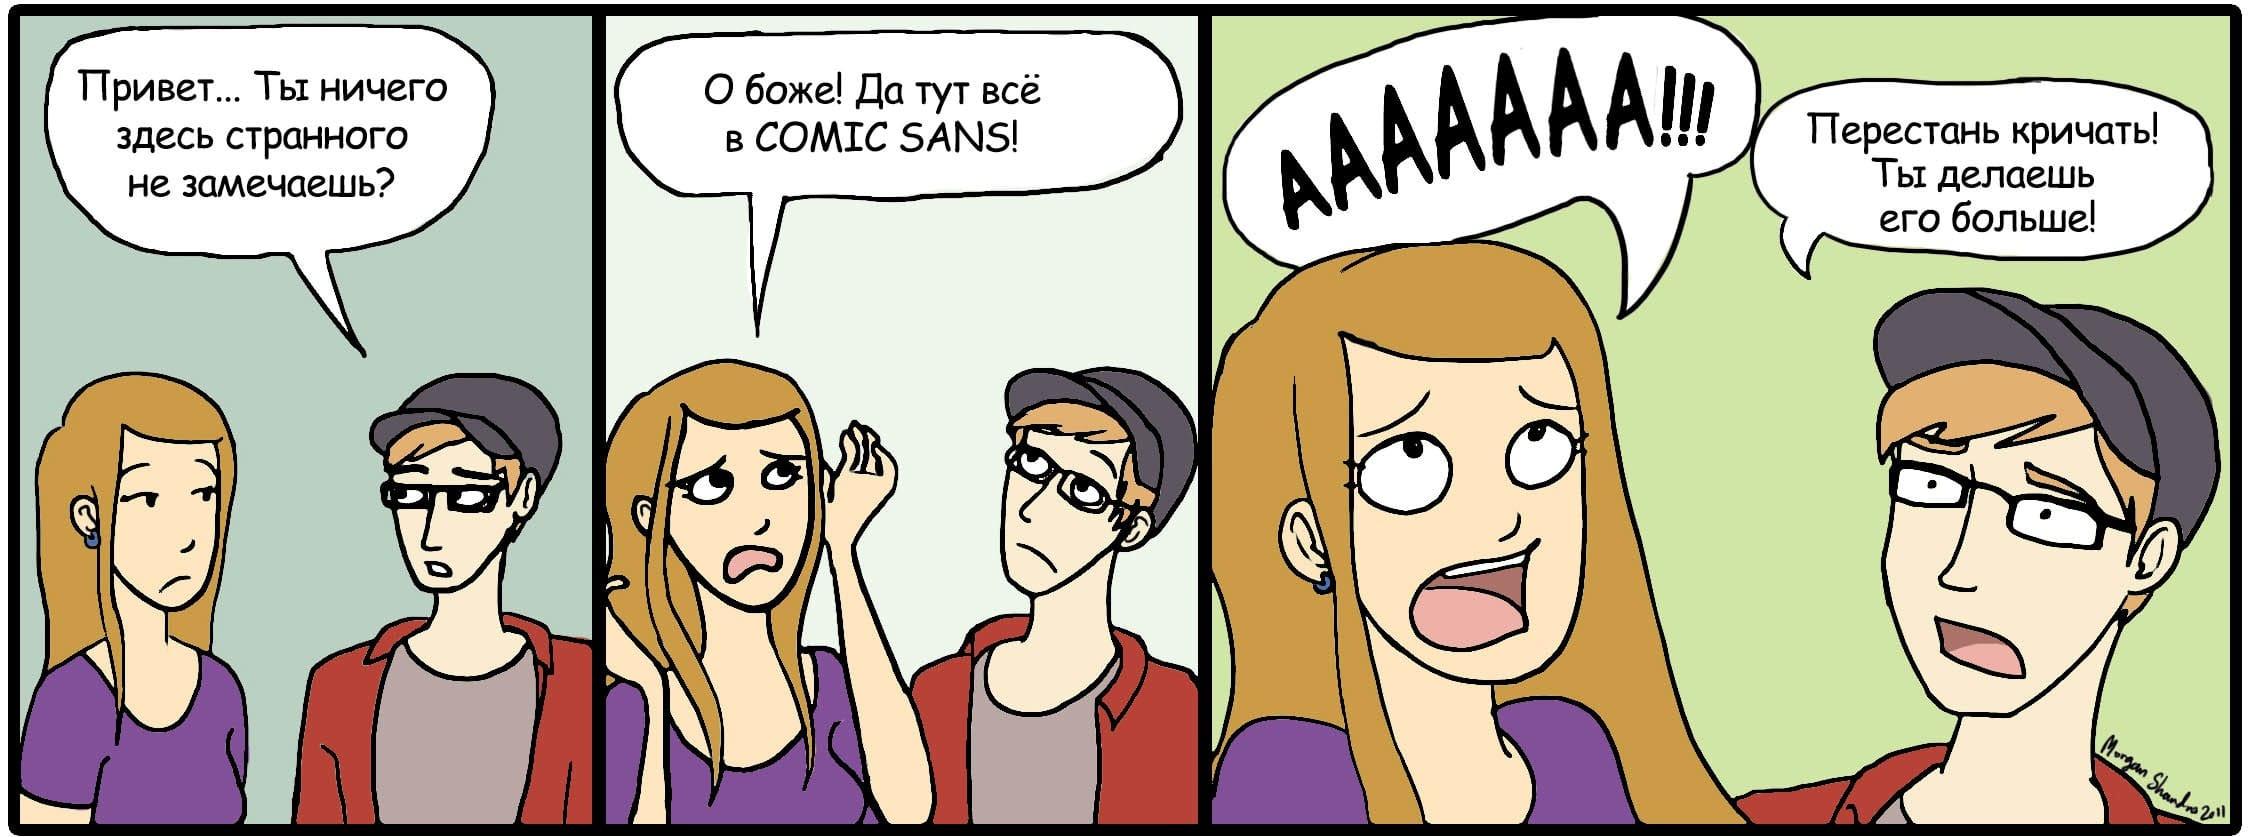 не выбирайте шрифт Comic Sans при составлении резюме